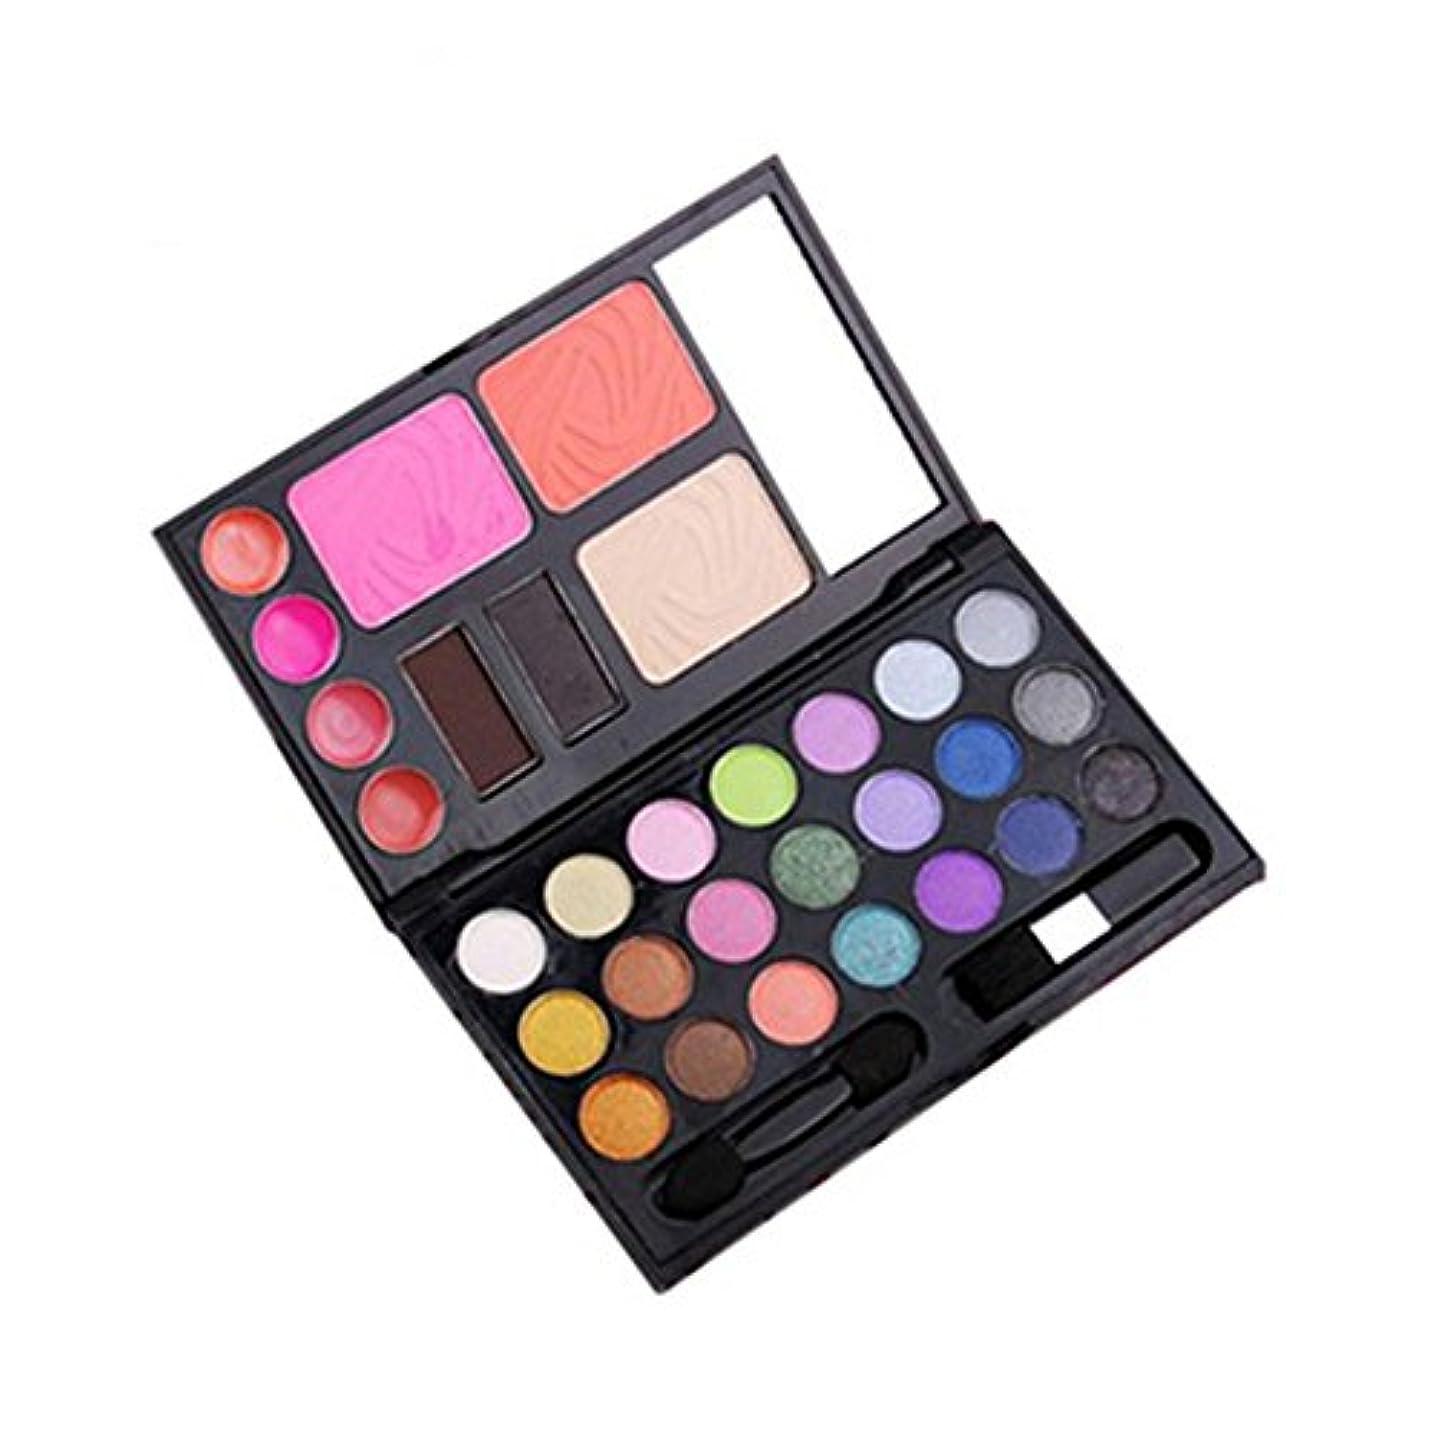 人気30色メイクアップパレット 21色アイシャドウ+4色リップカラー+2色チークカラー+1色コンシラー+2パウダーアイブロウ 鏡付き アイシャドウブラシとチークブラシ (2#)